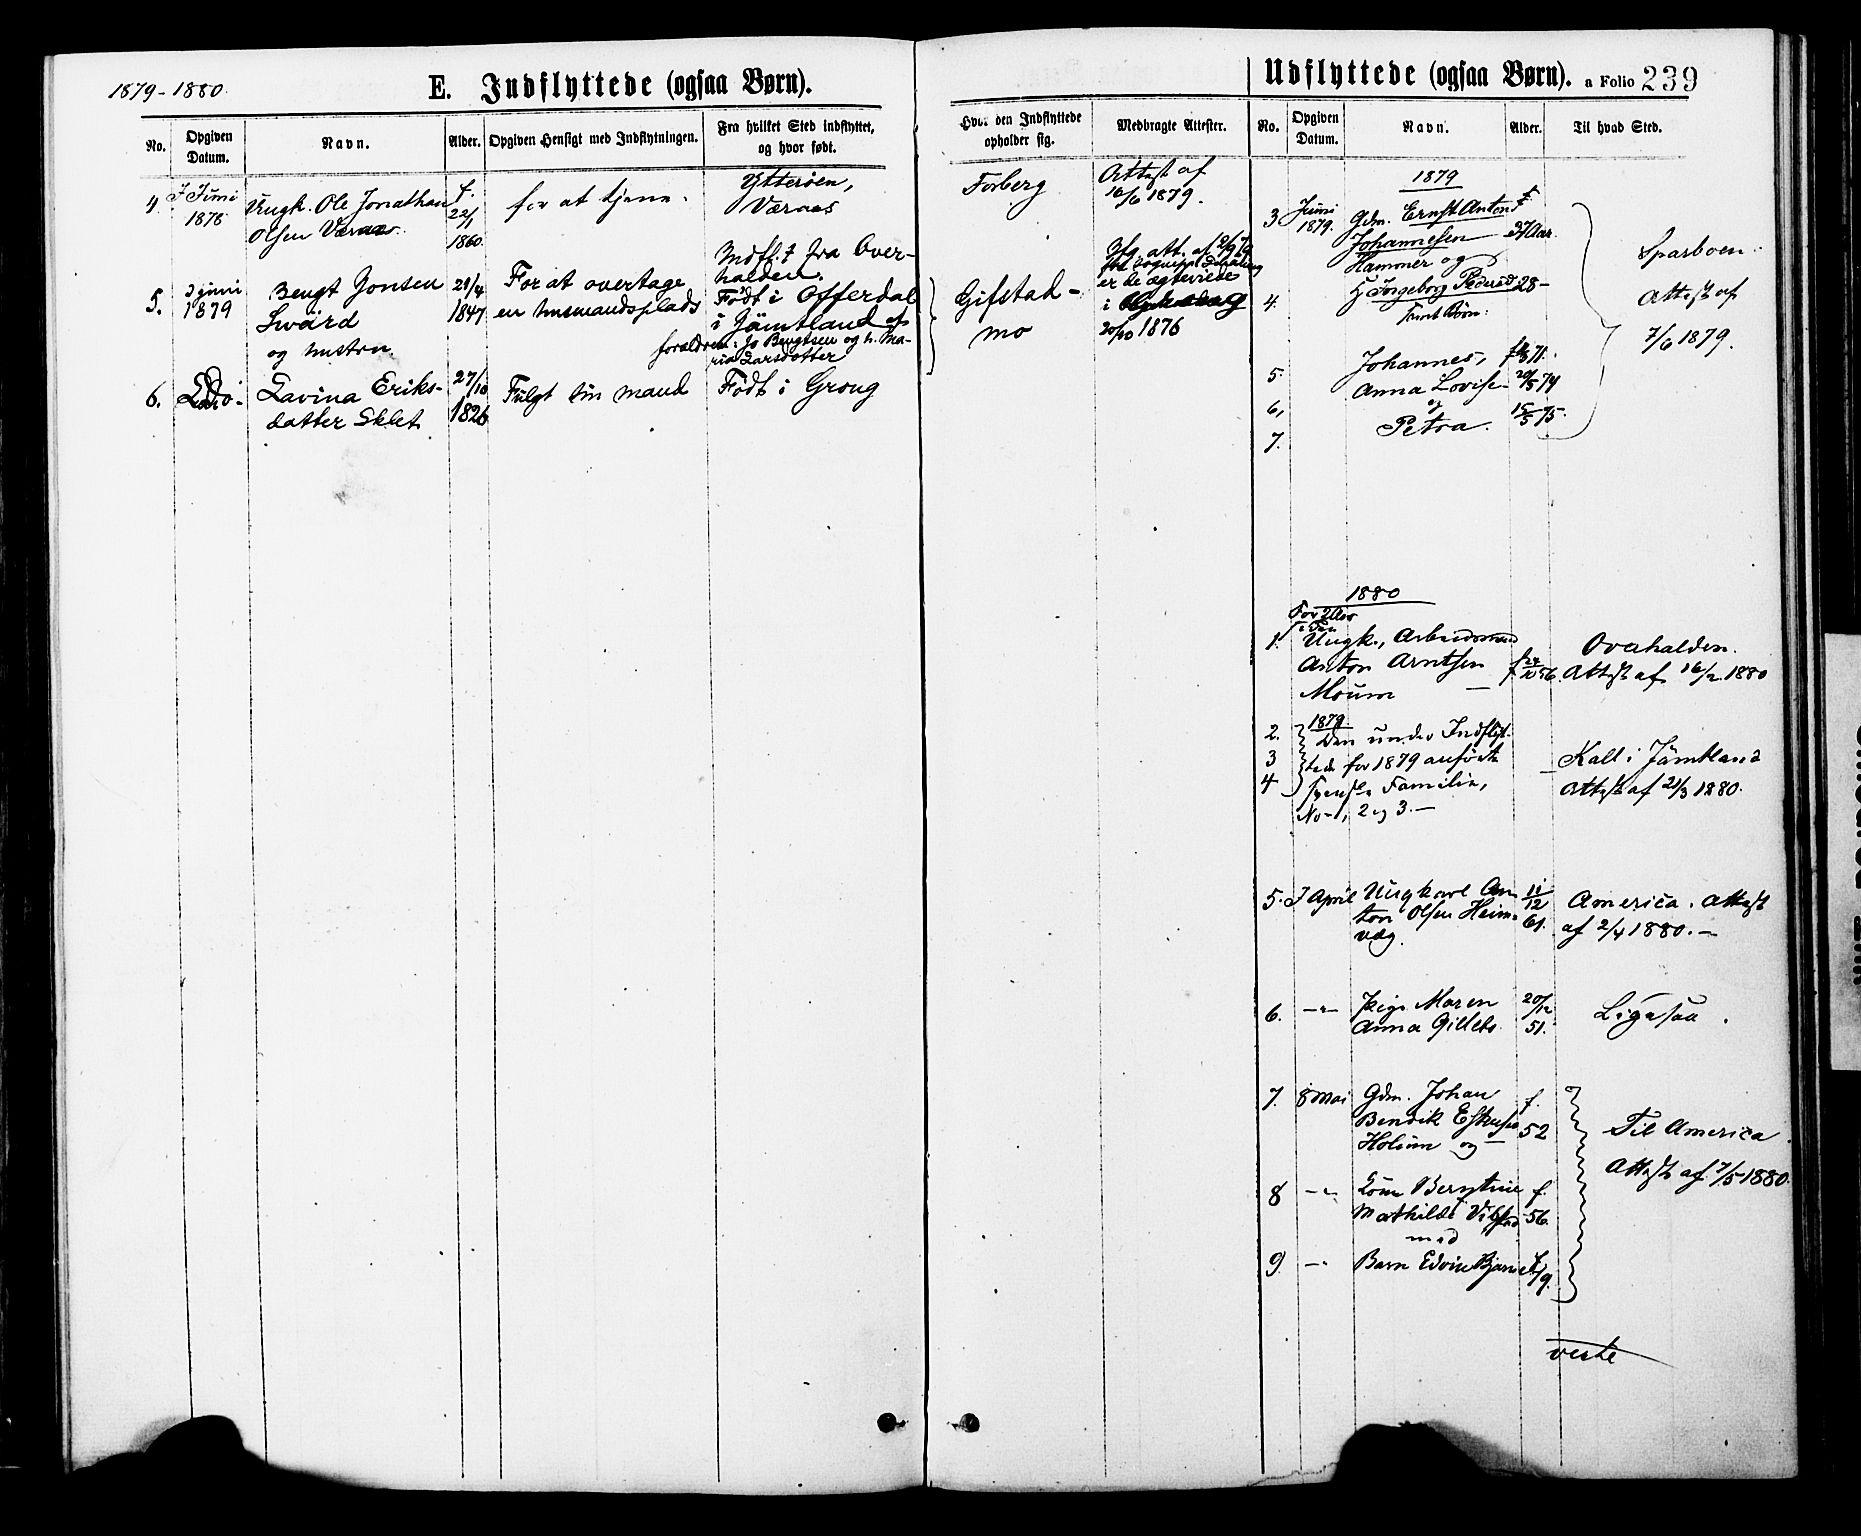 SAT, Ministerialprotokoller, klokkerbøker og fødselsregistre - Nord-Trøndelag, 749/L0473: Ministerialbok nr. 749A07, 1873-1887, s. 239